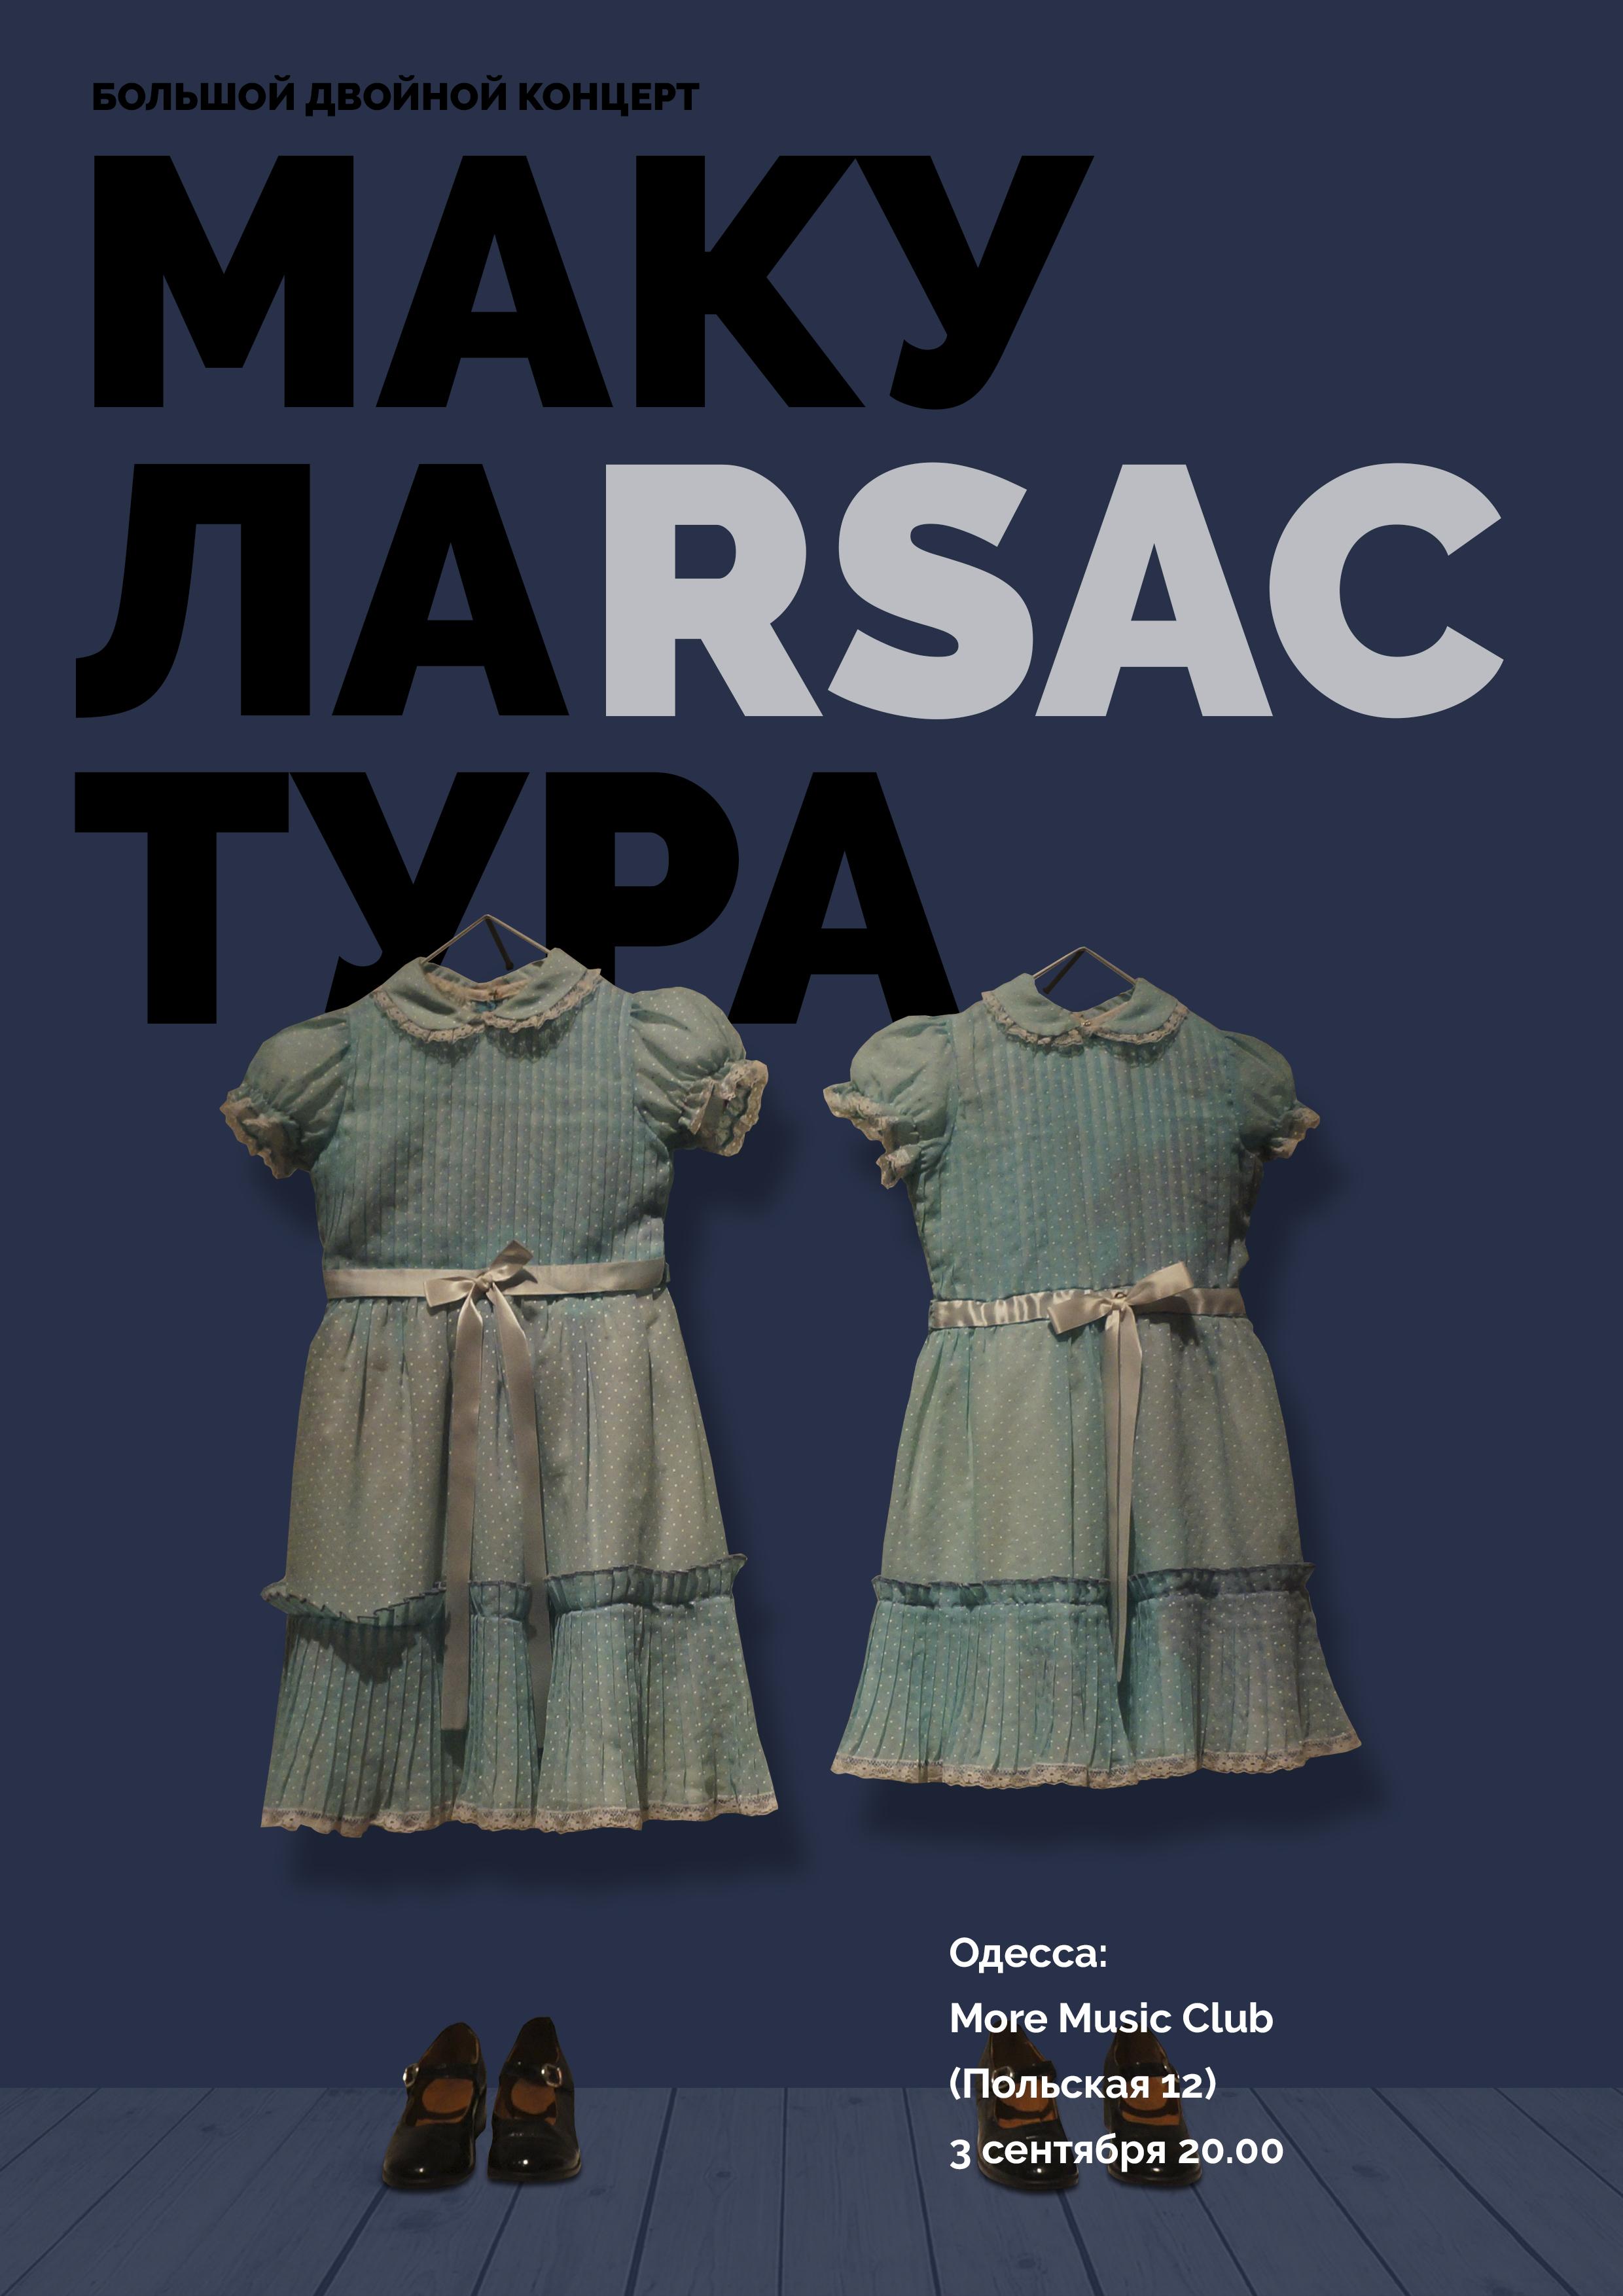 Макулатура та Red Samara Automobile Club - Великий подвійний концерт